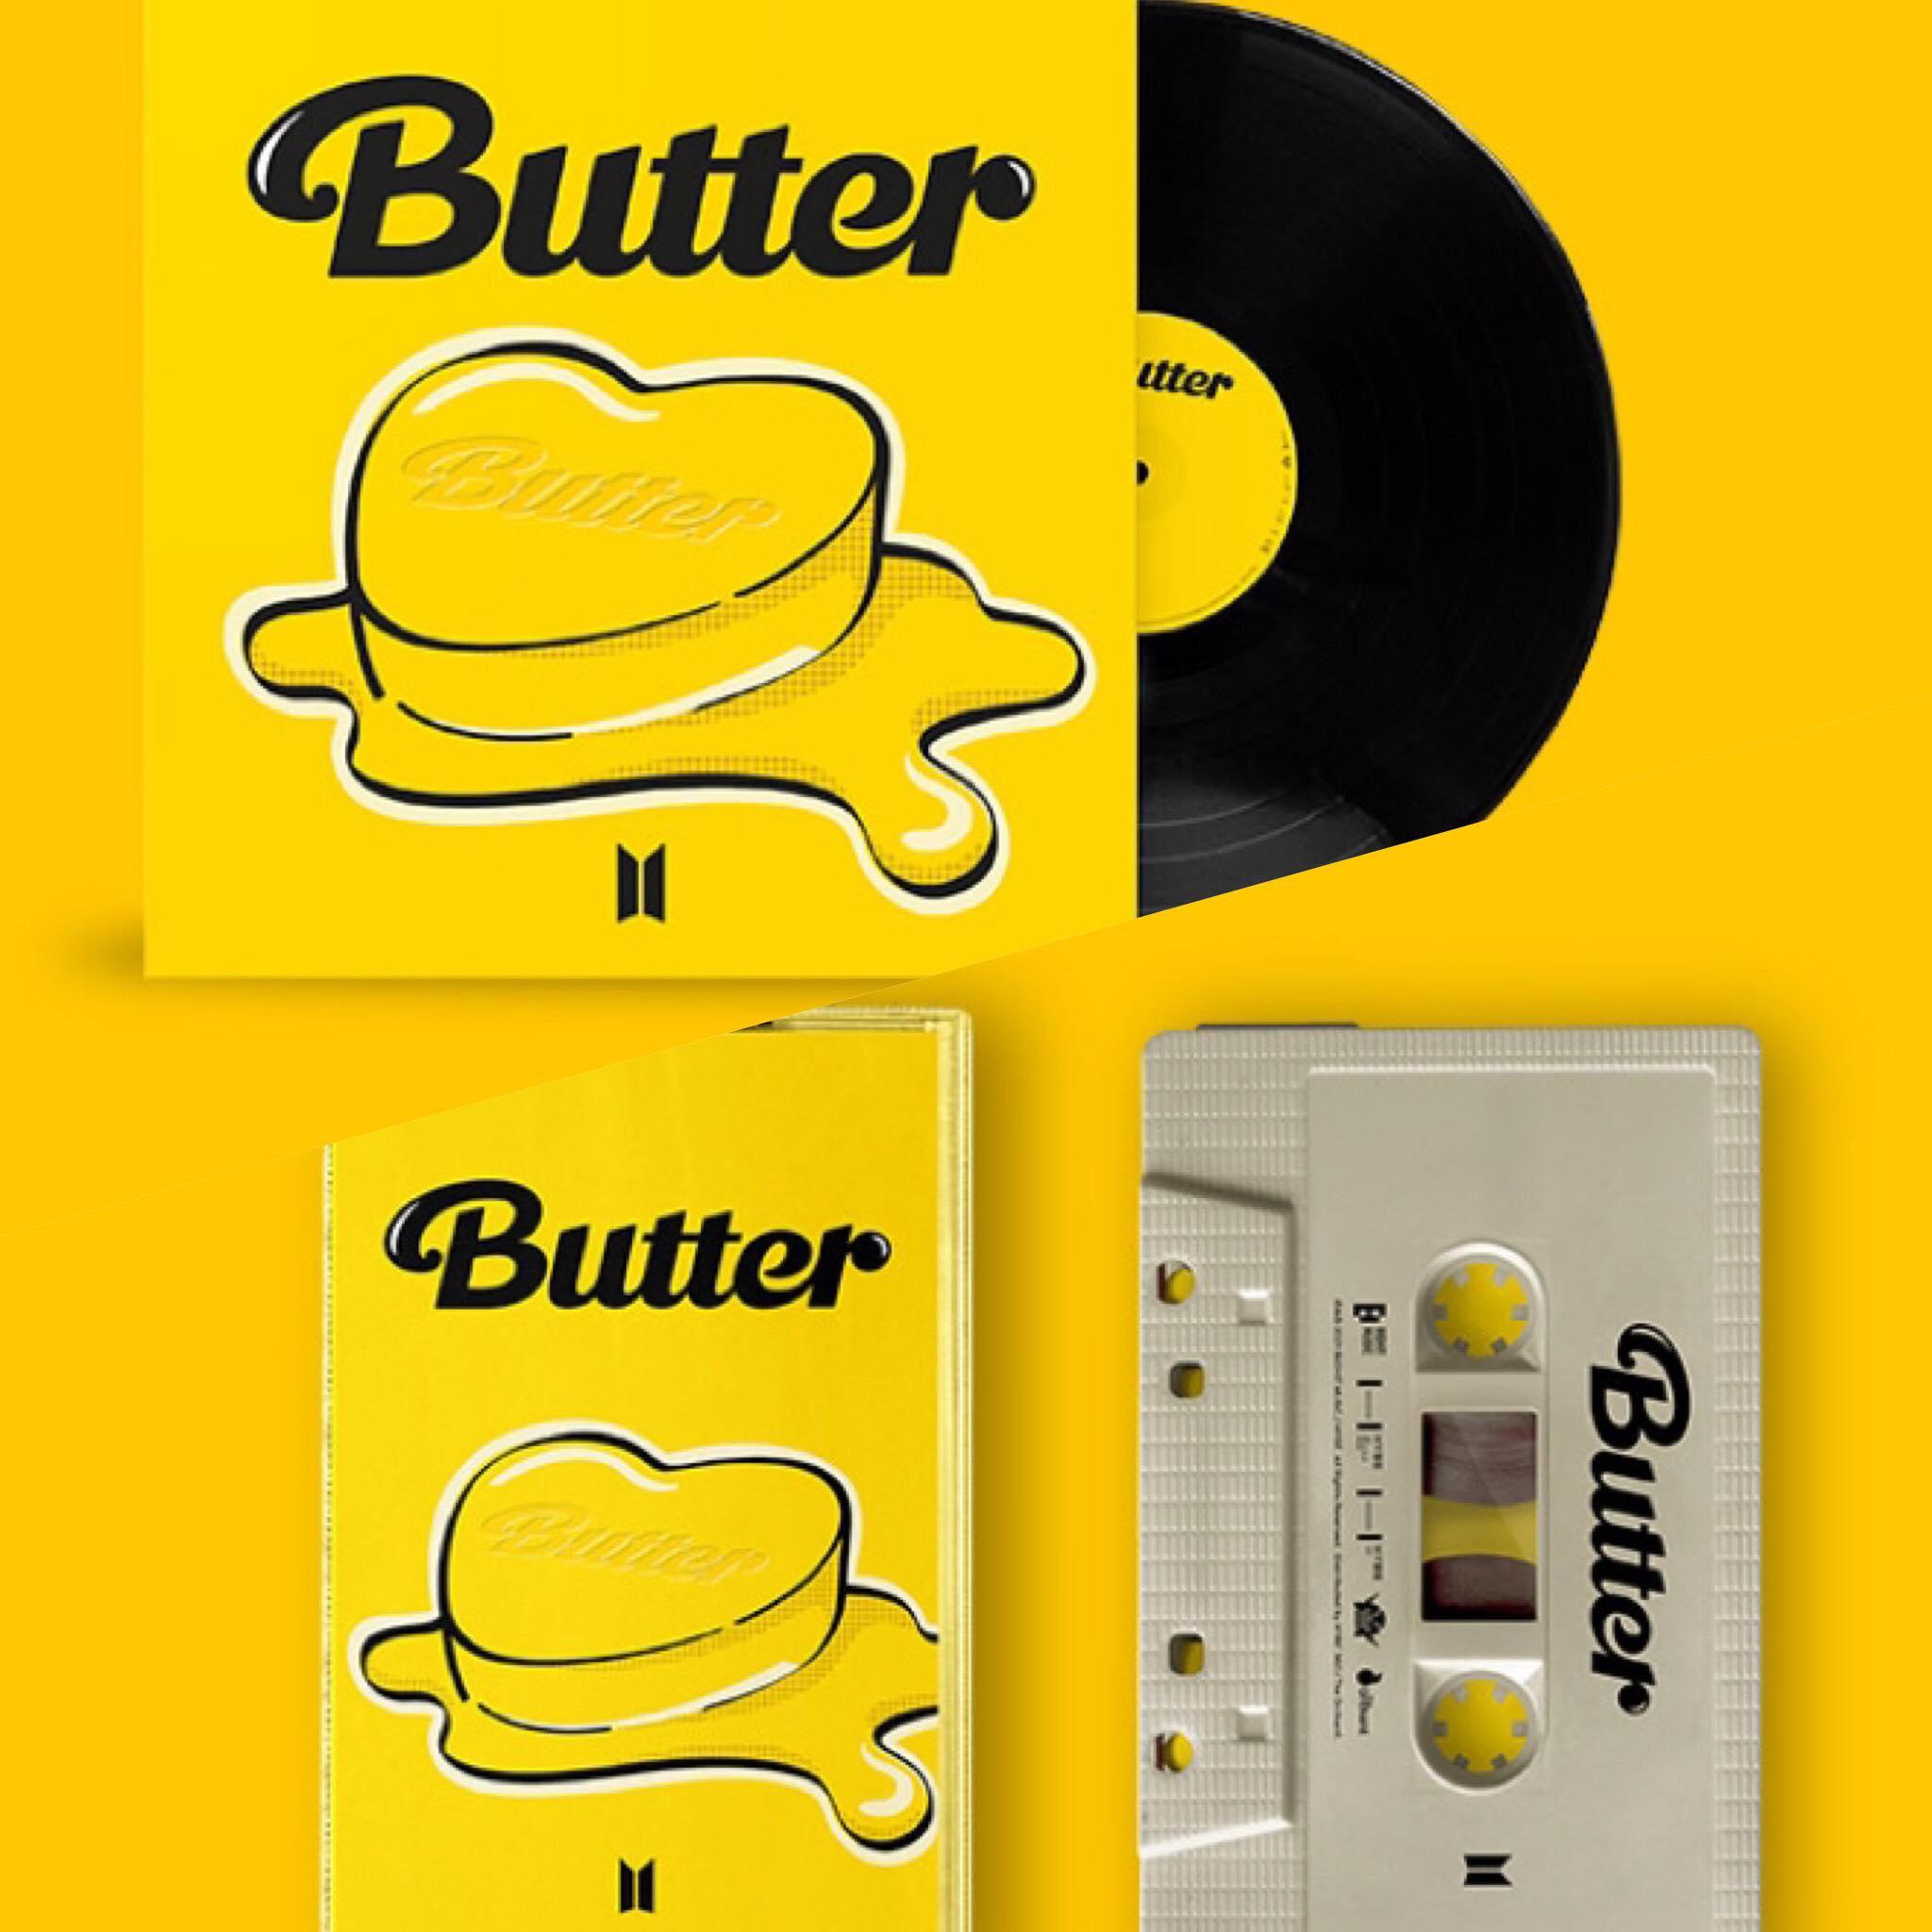 BTS Butter Vinyl / Cassette Tape